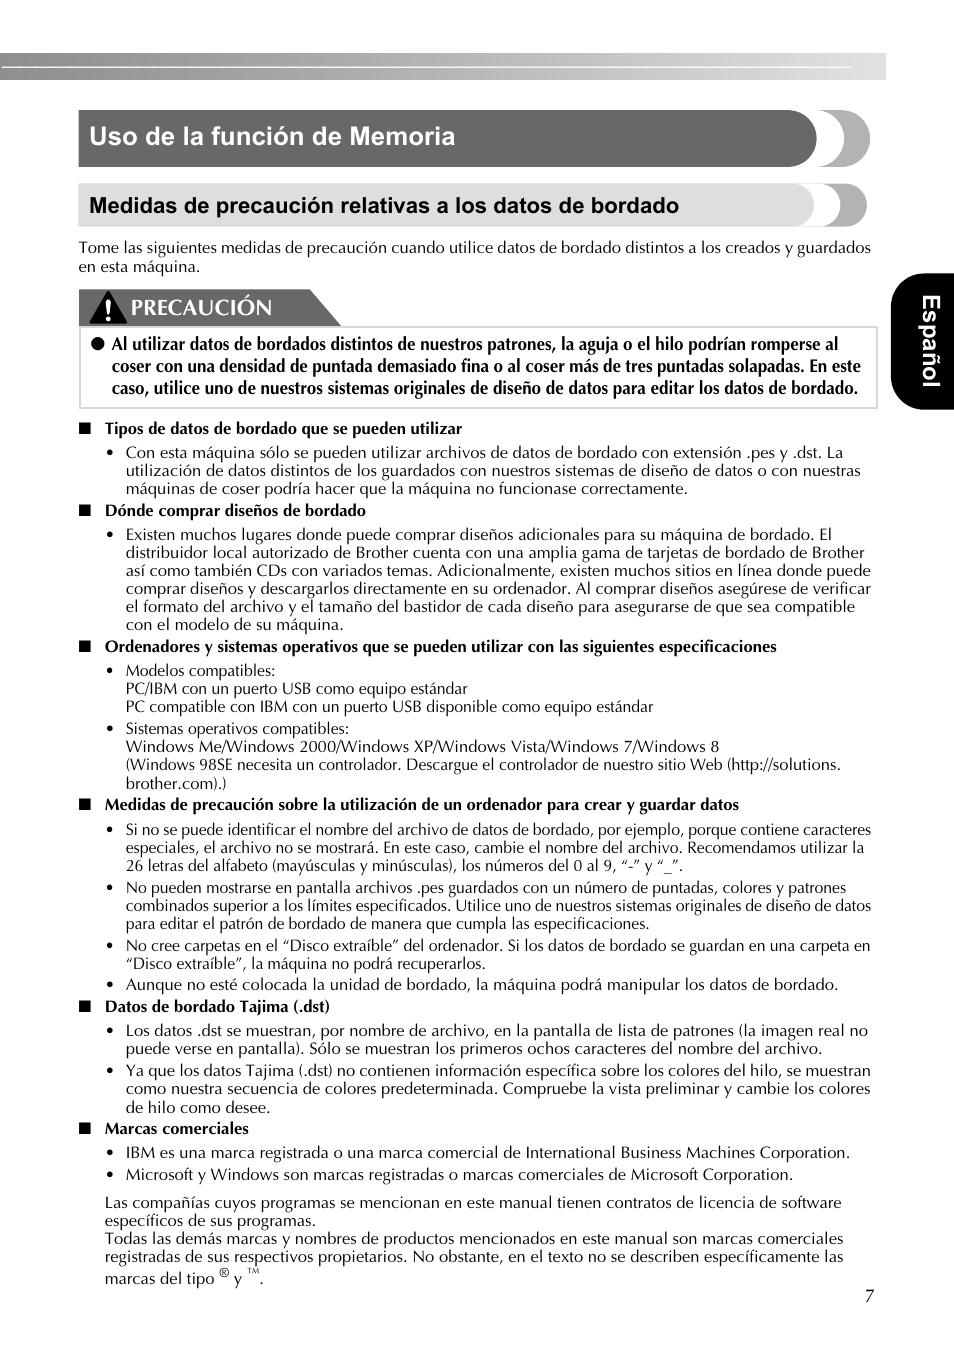 Español, Precaución | Brother SE-400 User Manual | Page 9 / 16